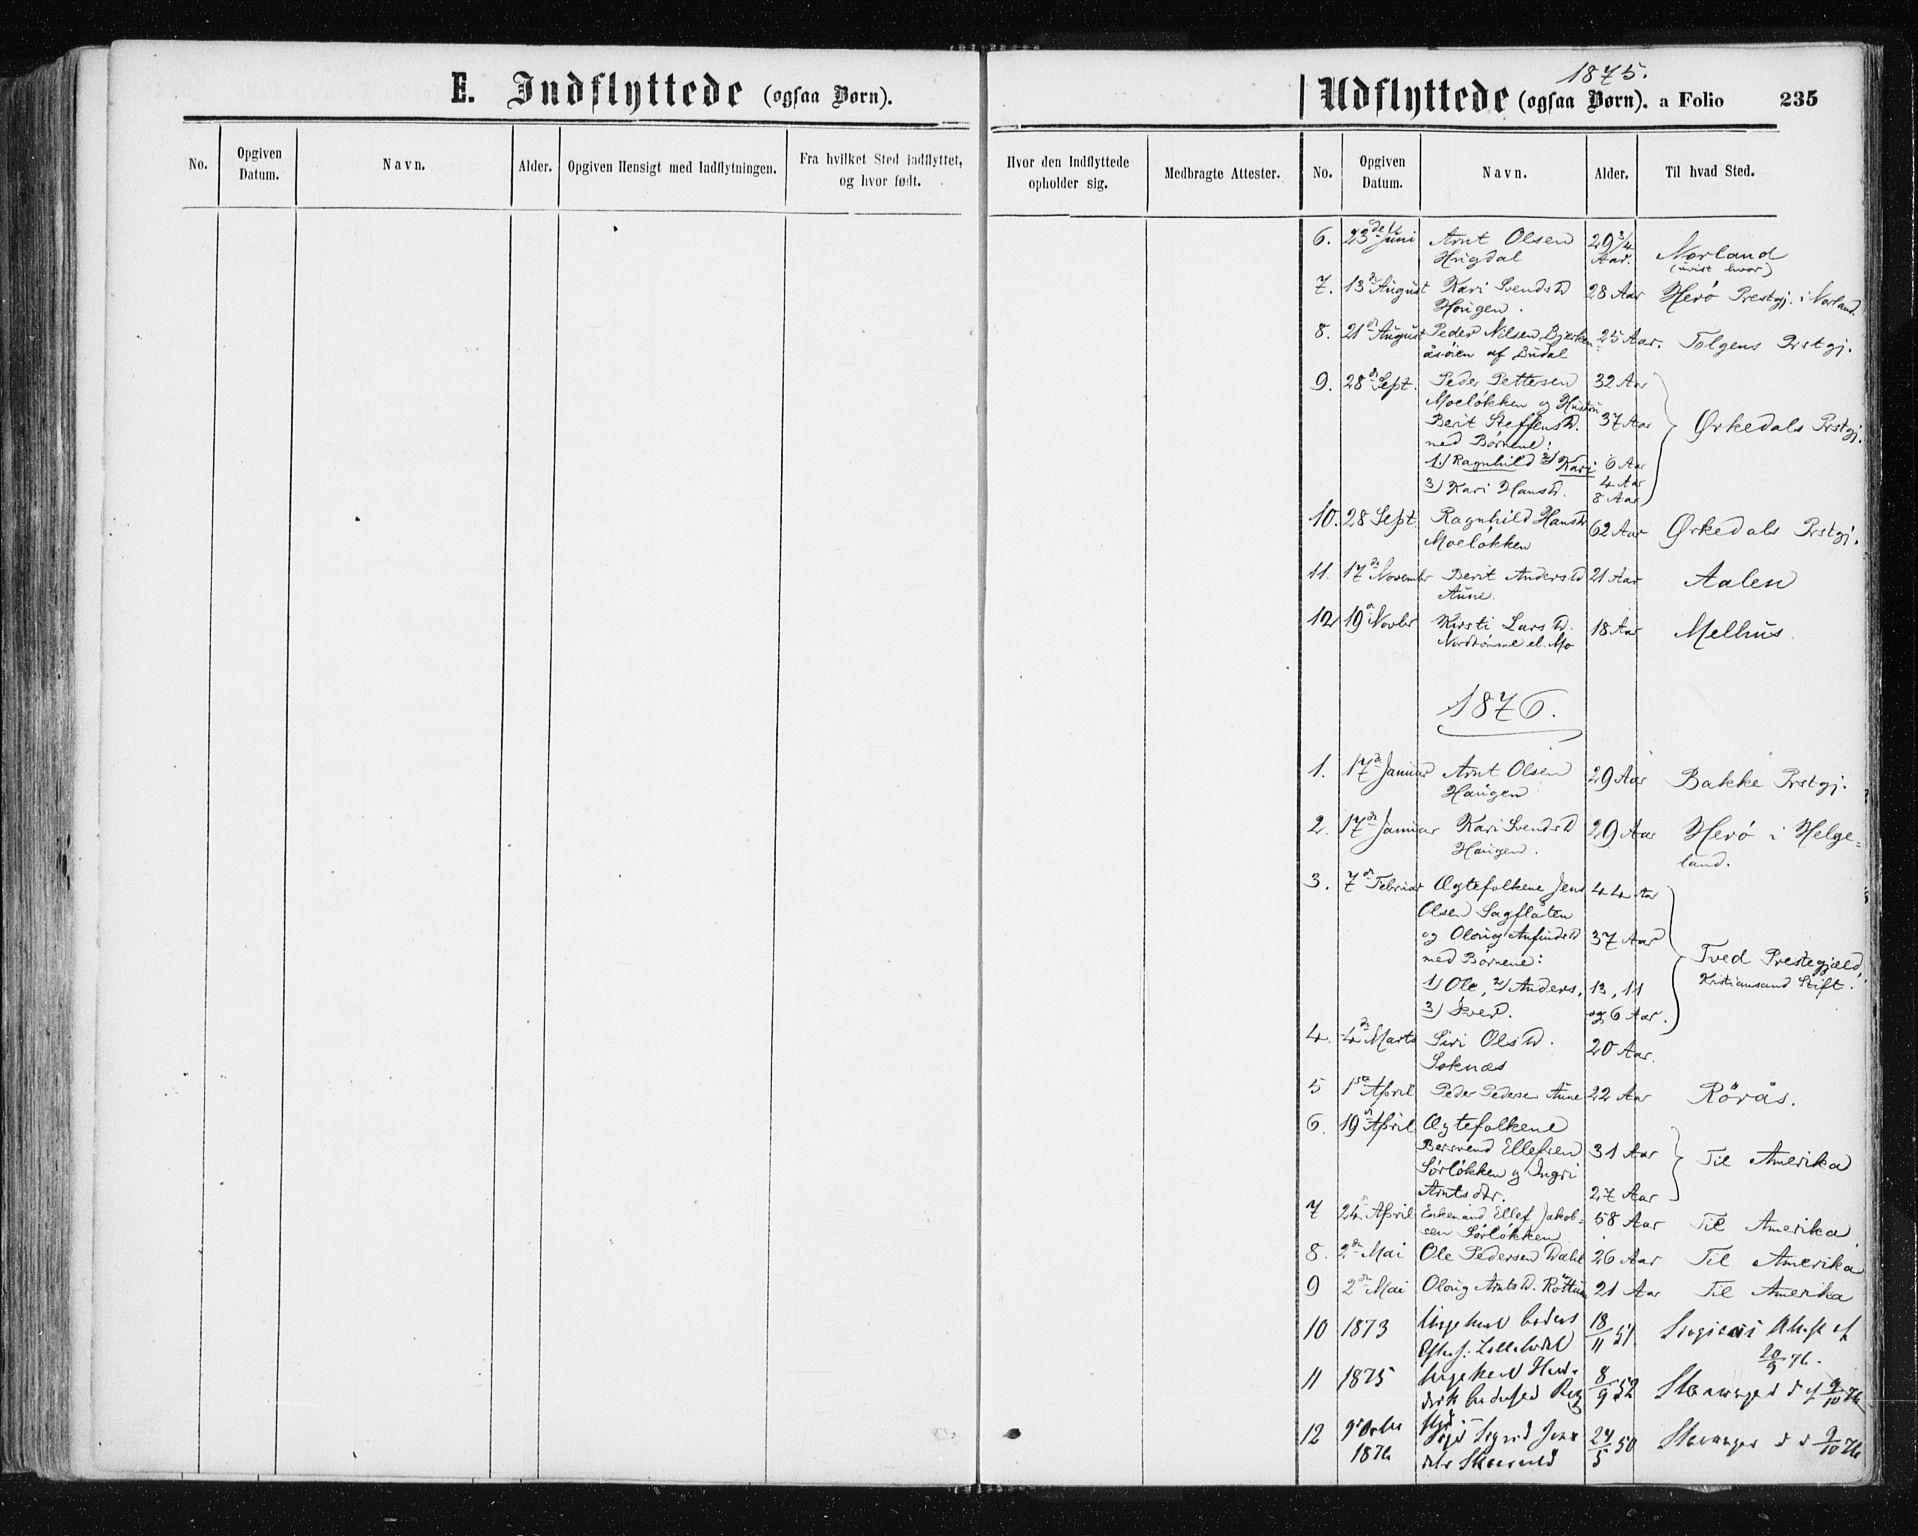 SAT, Ministerialprotokoller, klokkerbøker og fødselsregistre - Sør-Trøndelag, 687/L1001: Ministerialbok nr. 687A07, 1863-1878, s. 235